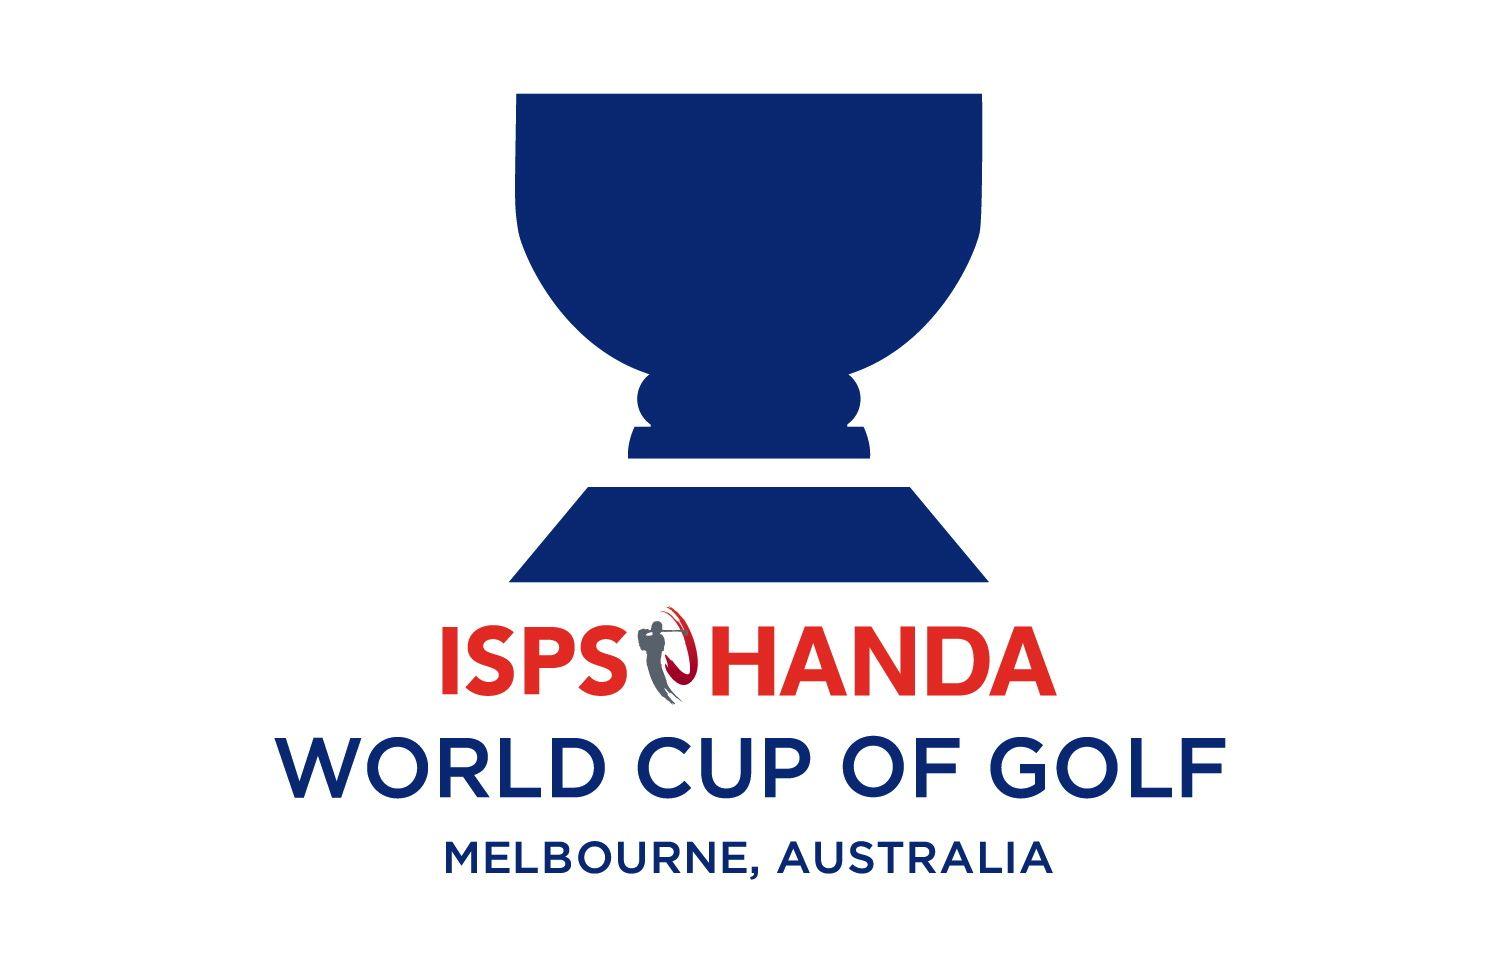 ワールドカップ・オブ・ゴルフ2016ロゴ